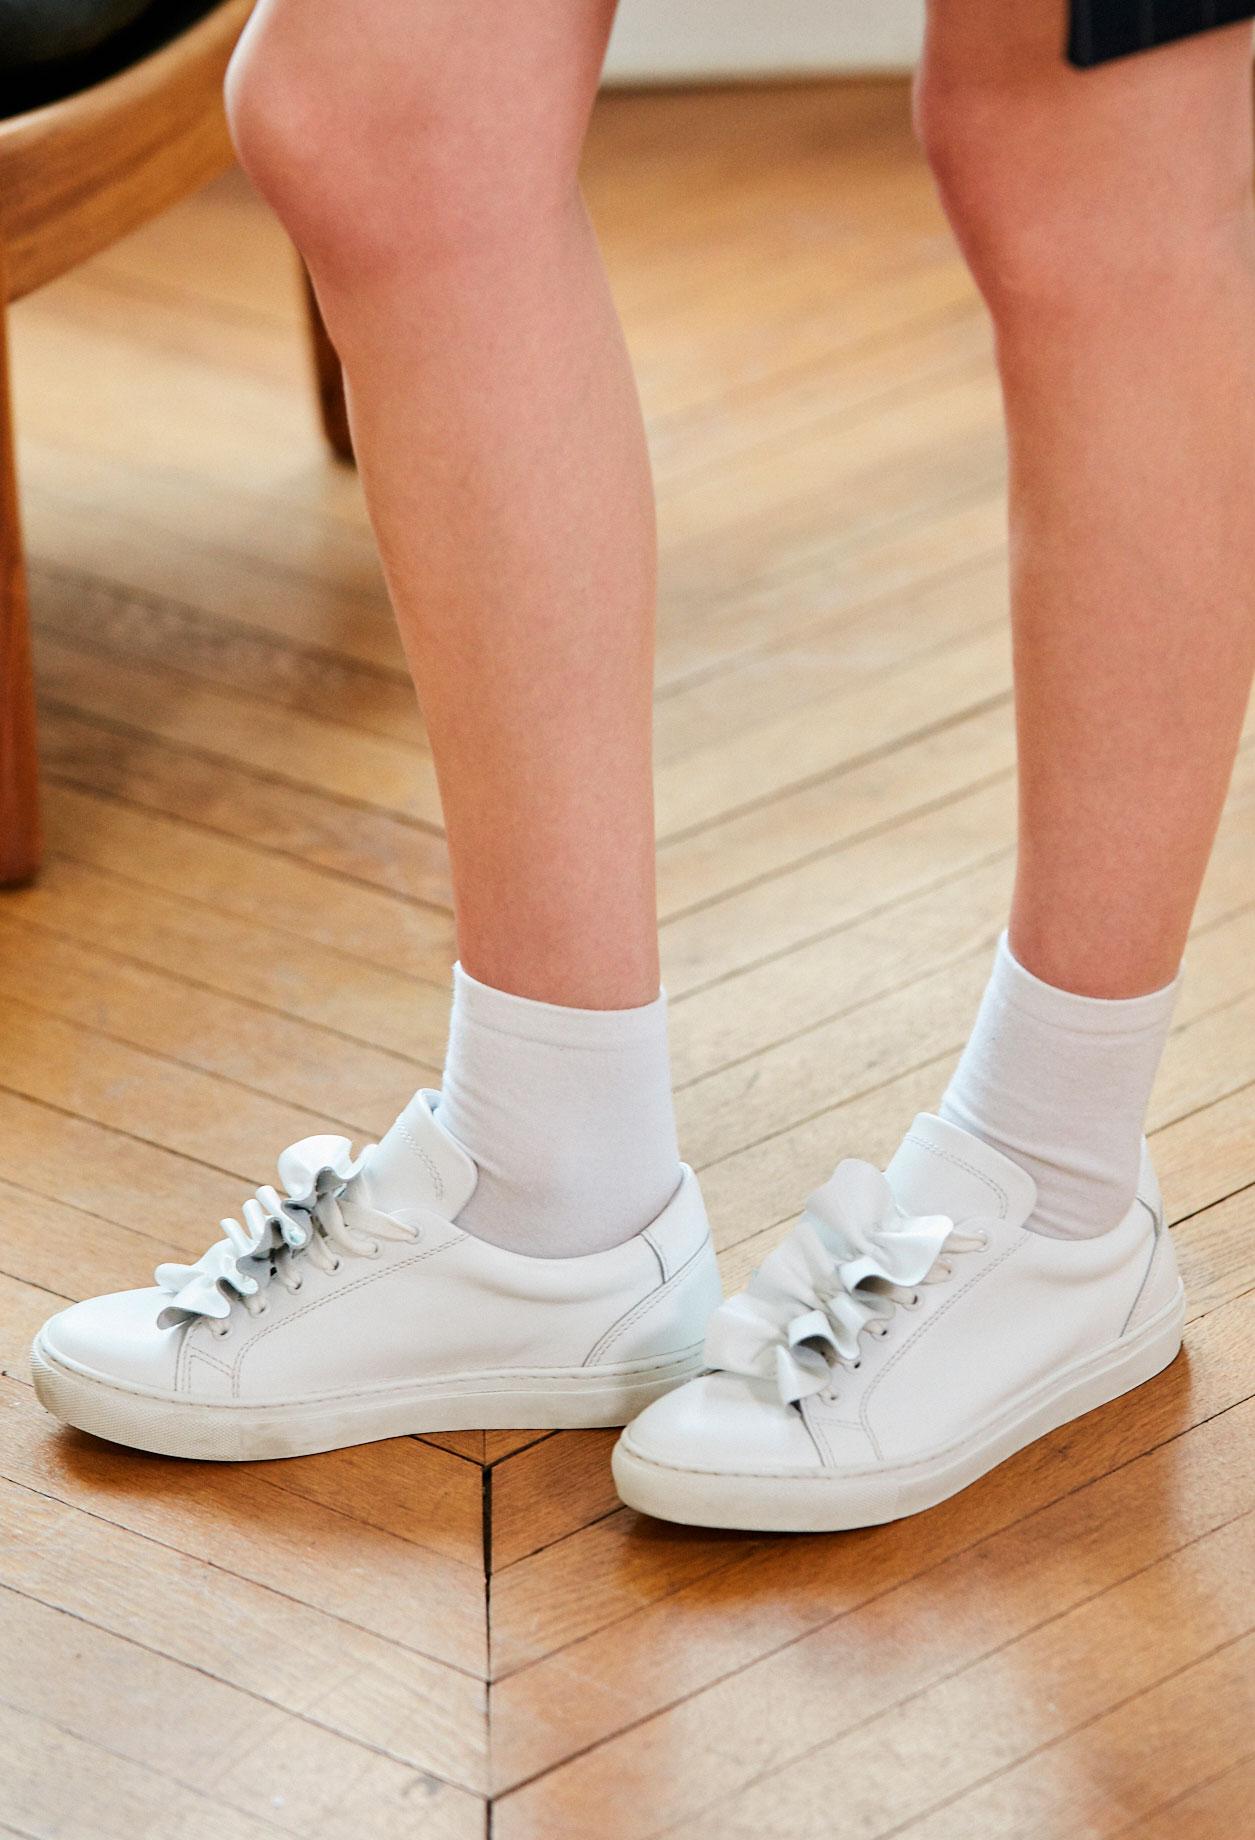 Claudie Pierlot Sneaker Angelique oGhz0z6fM